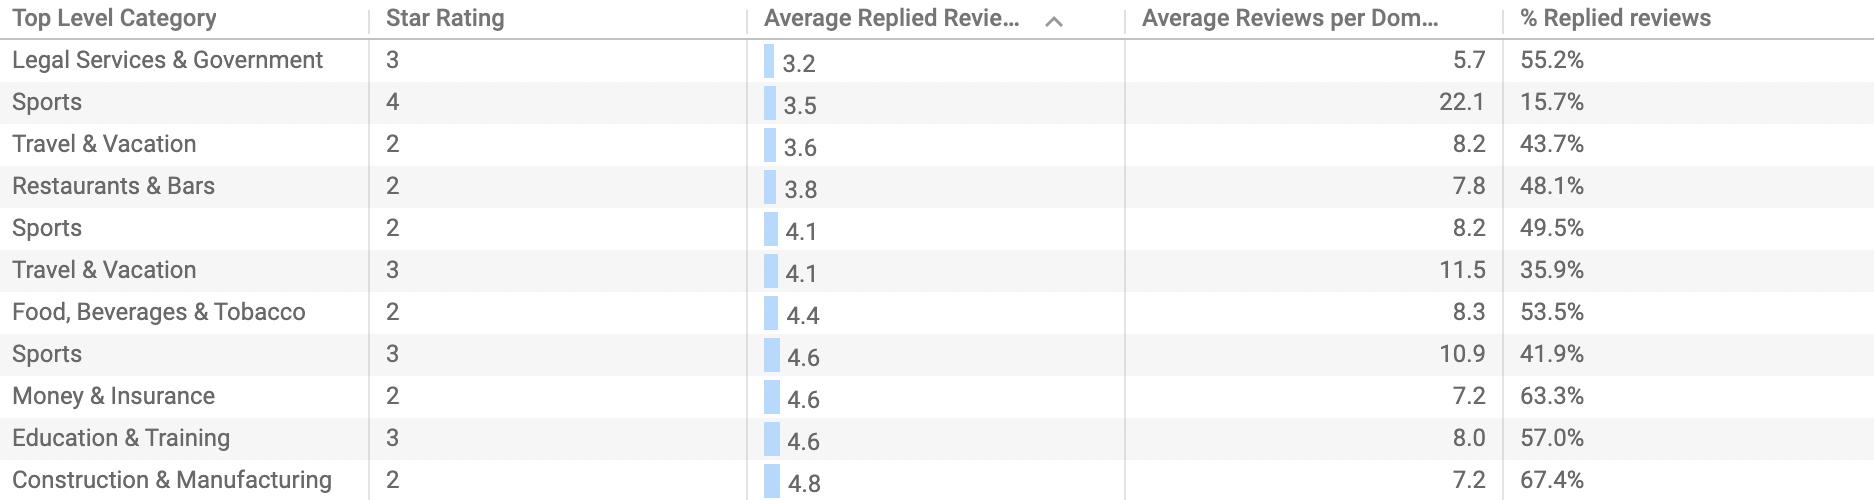 7 - Le aziende con il minor tasso di risposta alle recensioni, il loro settore di appartenenza e la loro valutazione in stelle